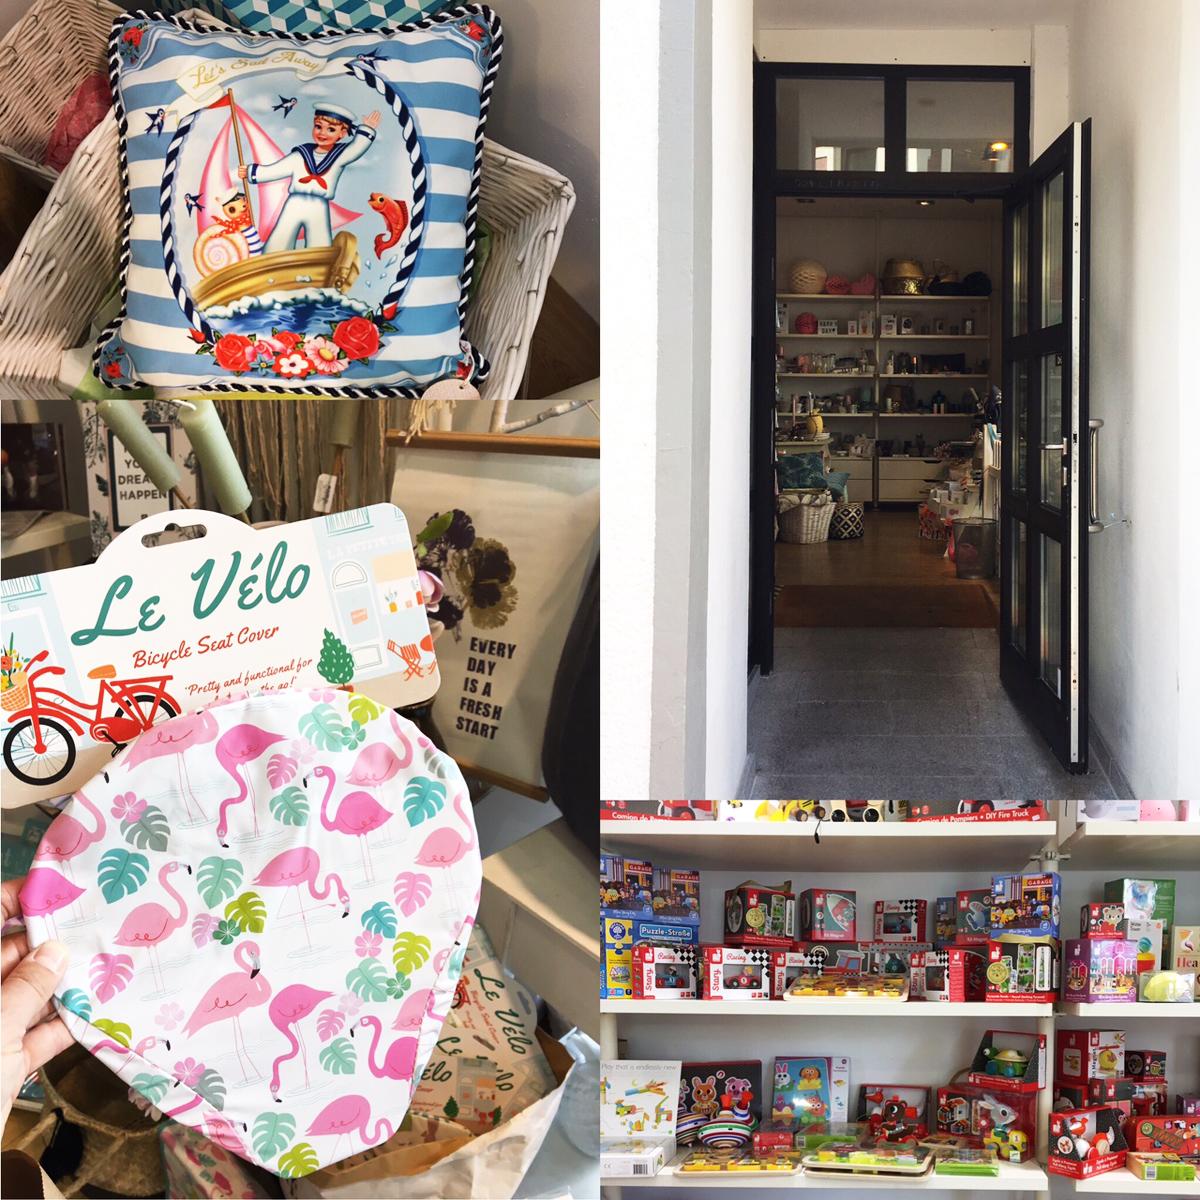 Der Shop Füchslein & Co bietet Kinderspielzeug, Einrichtung und Kleidung